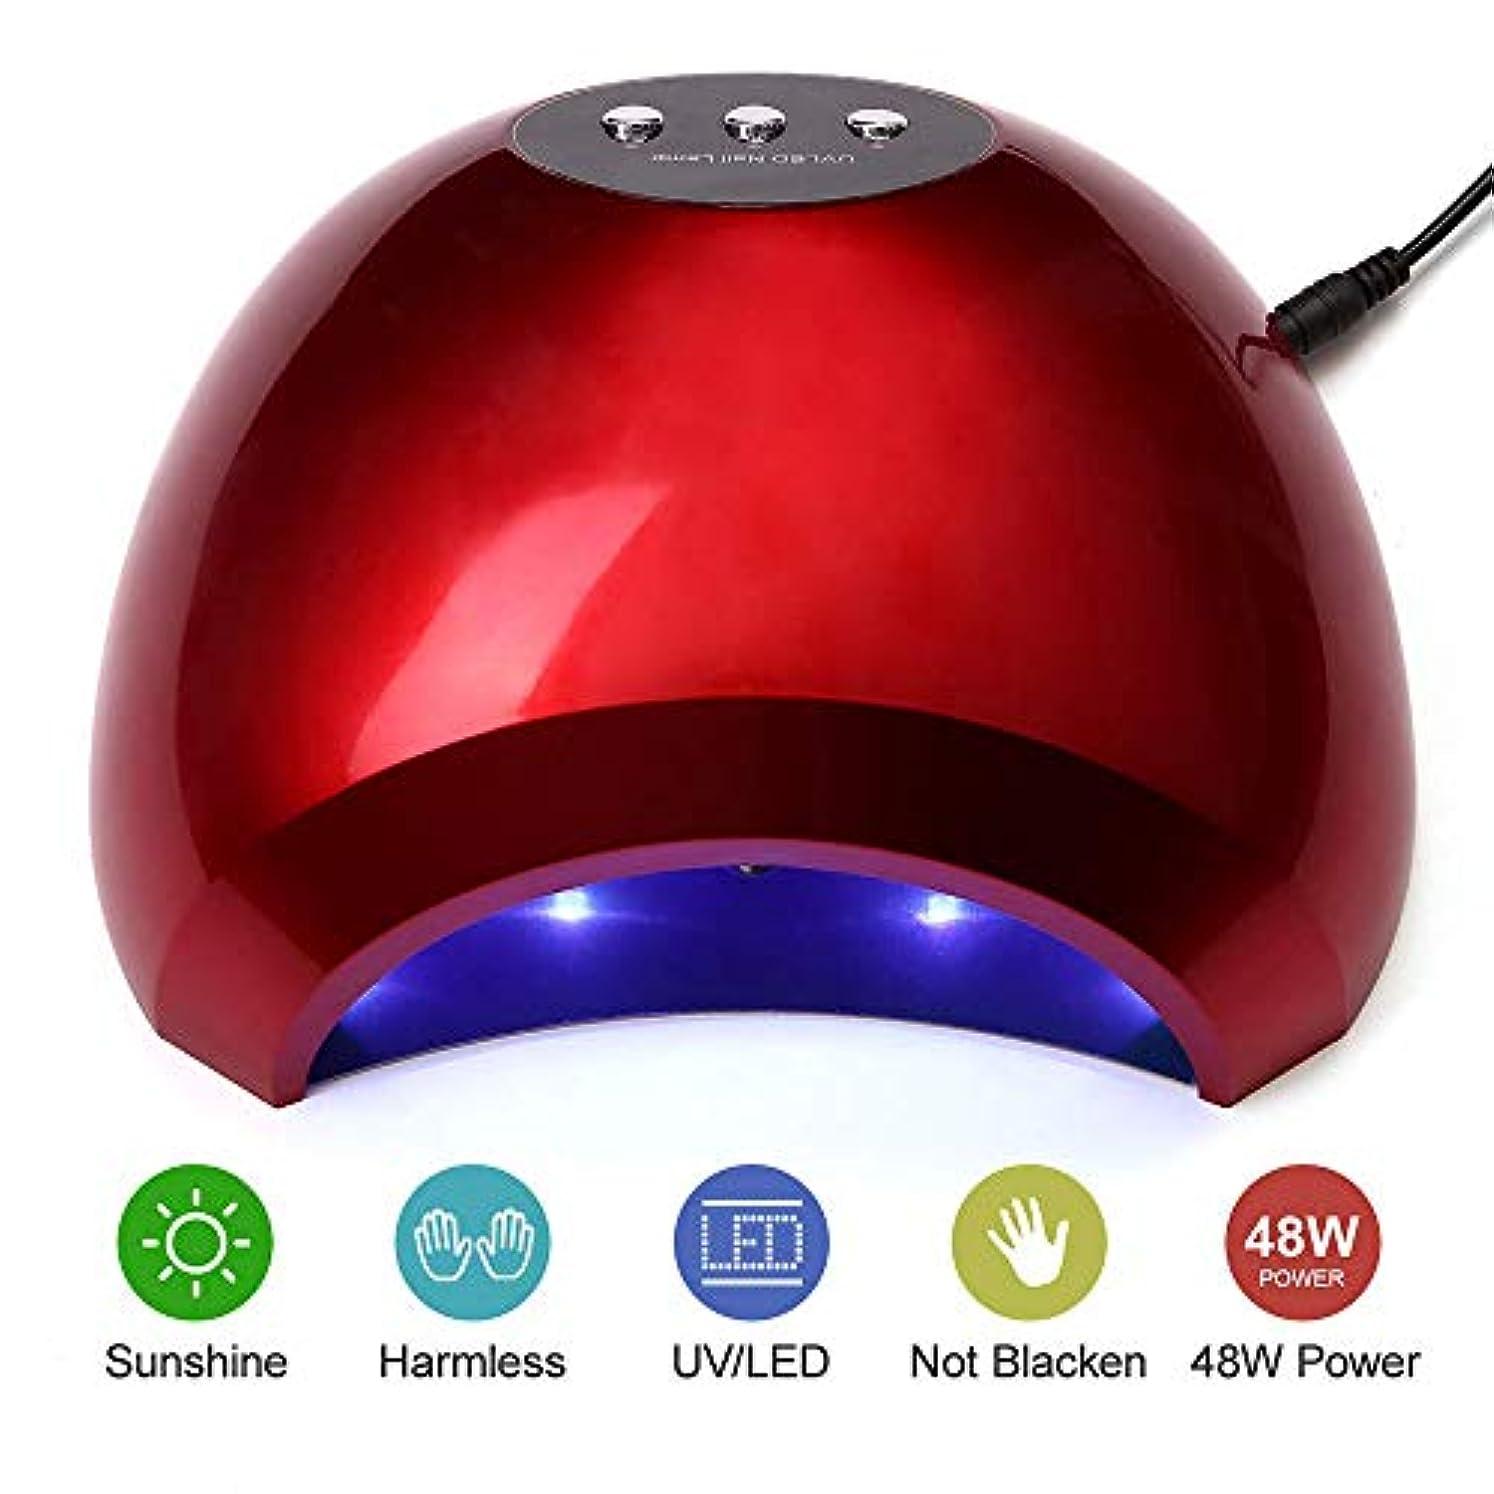 テナント病的艶ネイルドライヤーランプ48W UV LEDネイルキュアランプライトソークオフネイルジェルランプマニキュアペディキュアドライヤー付きセンサー高速